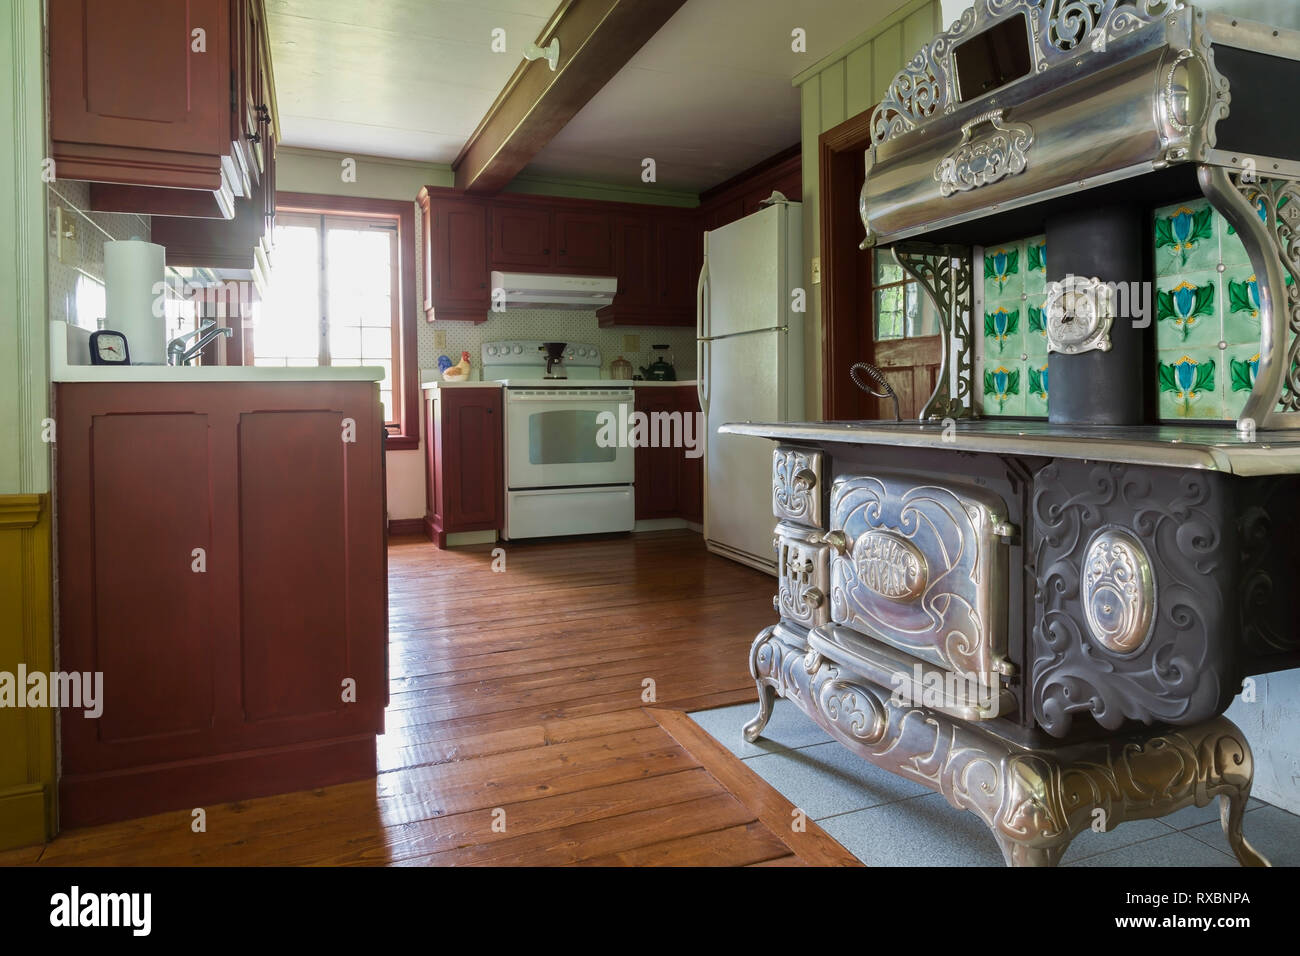 Stufa A Legna Stile Inglese belanger petit royal 1940 antica stufa a legna e cabinet in